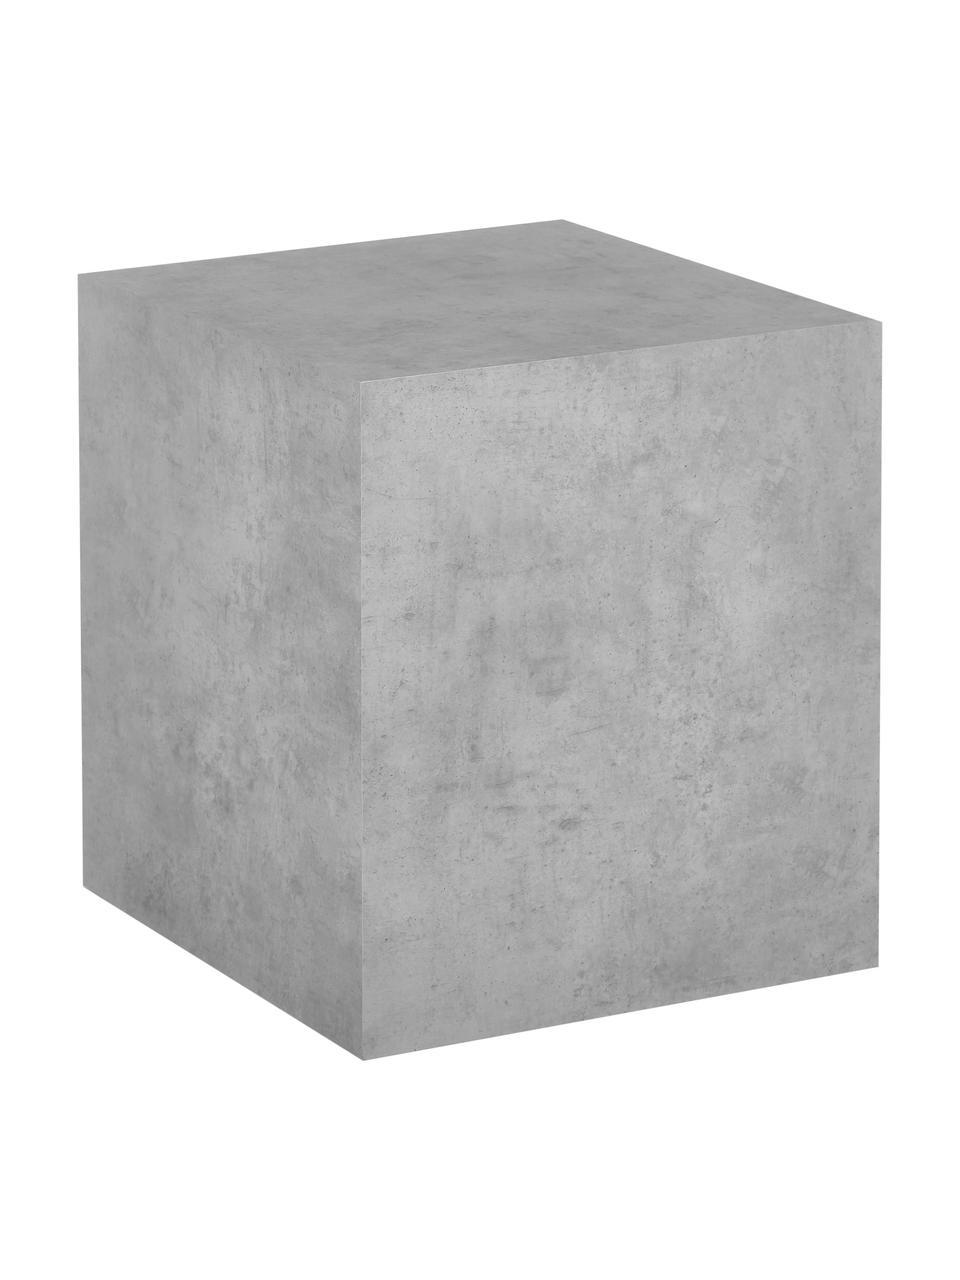 Table d'appoint aspect béton Lesley, Gris, aspect béton